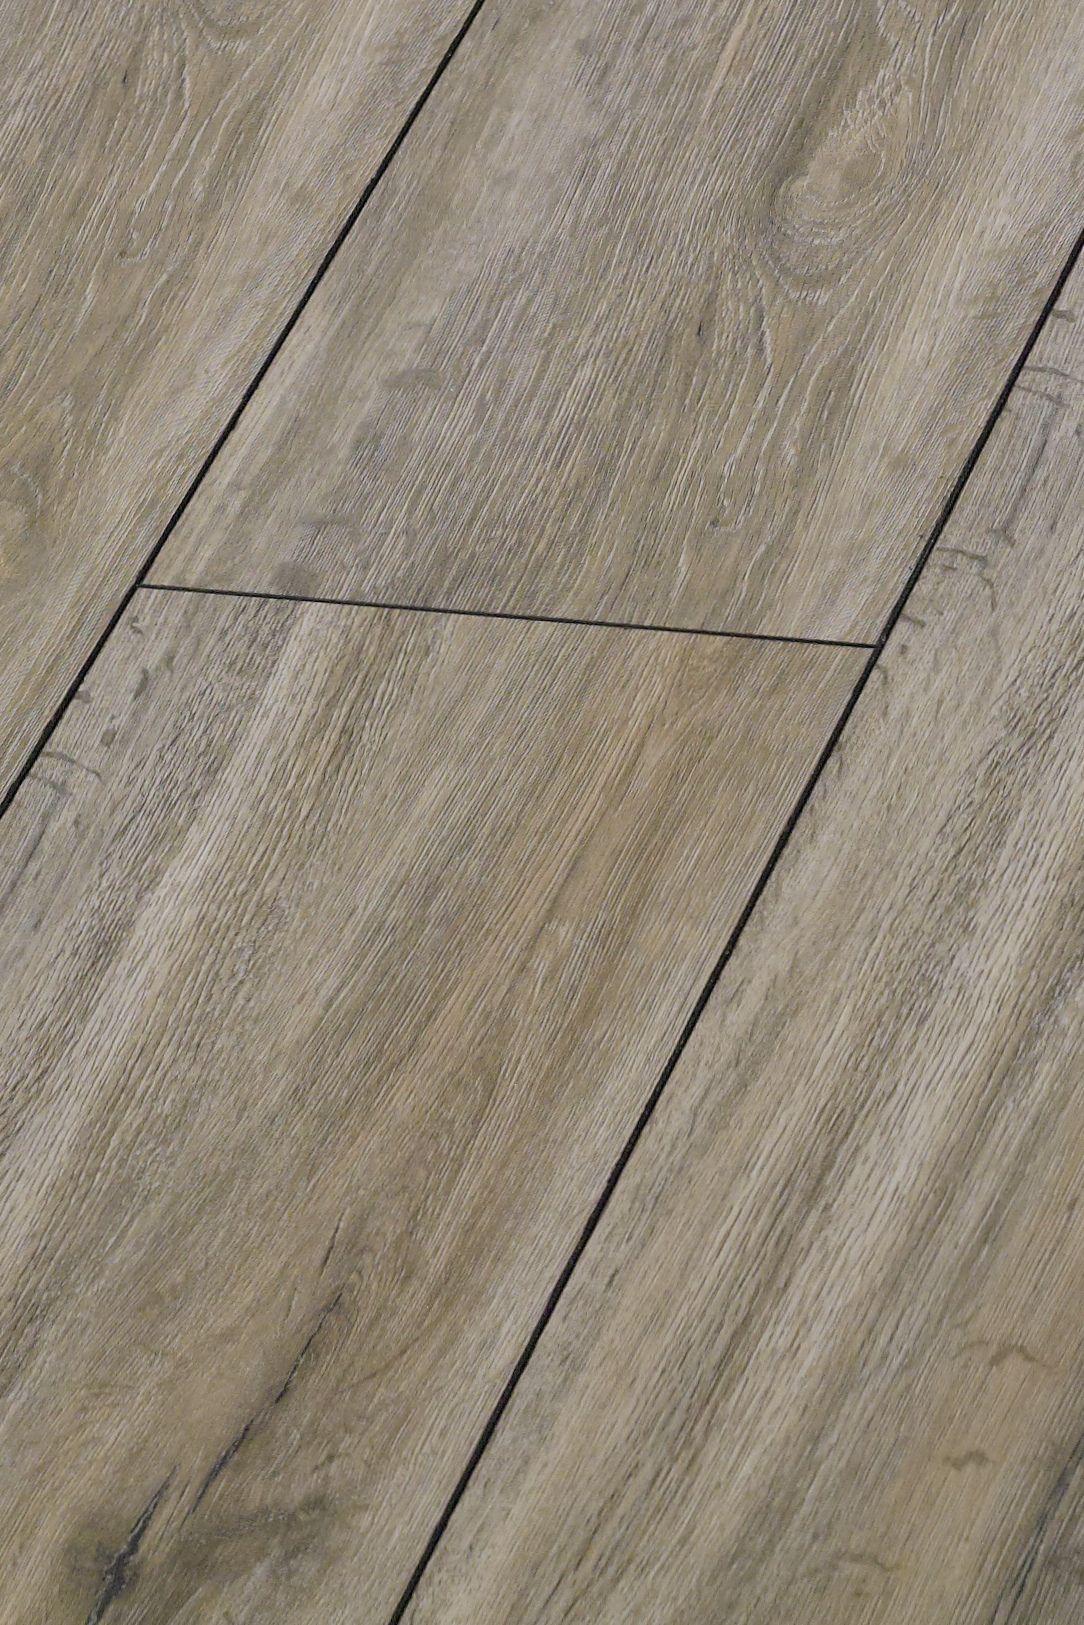 15 018 Vinylboden Steineiche Langdiele Vinylboden Eiche Boden